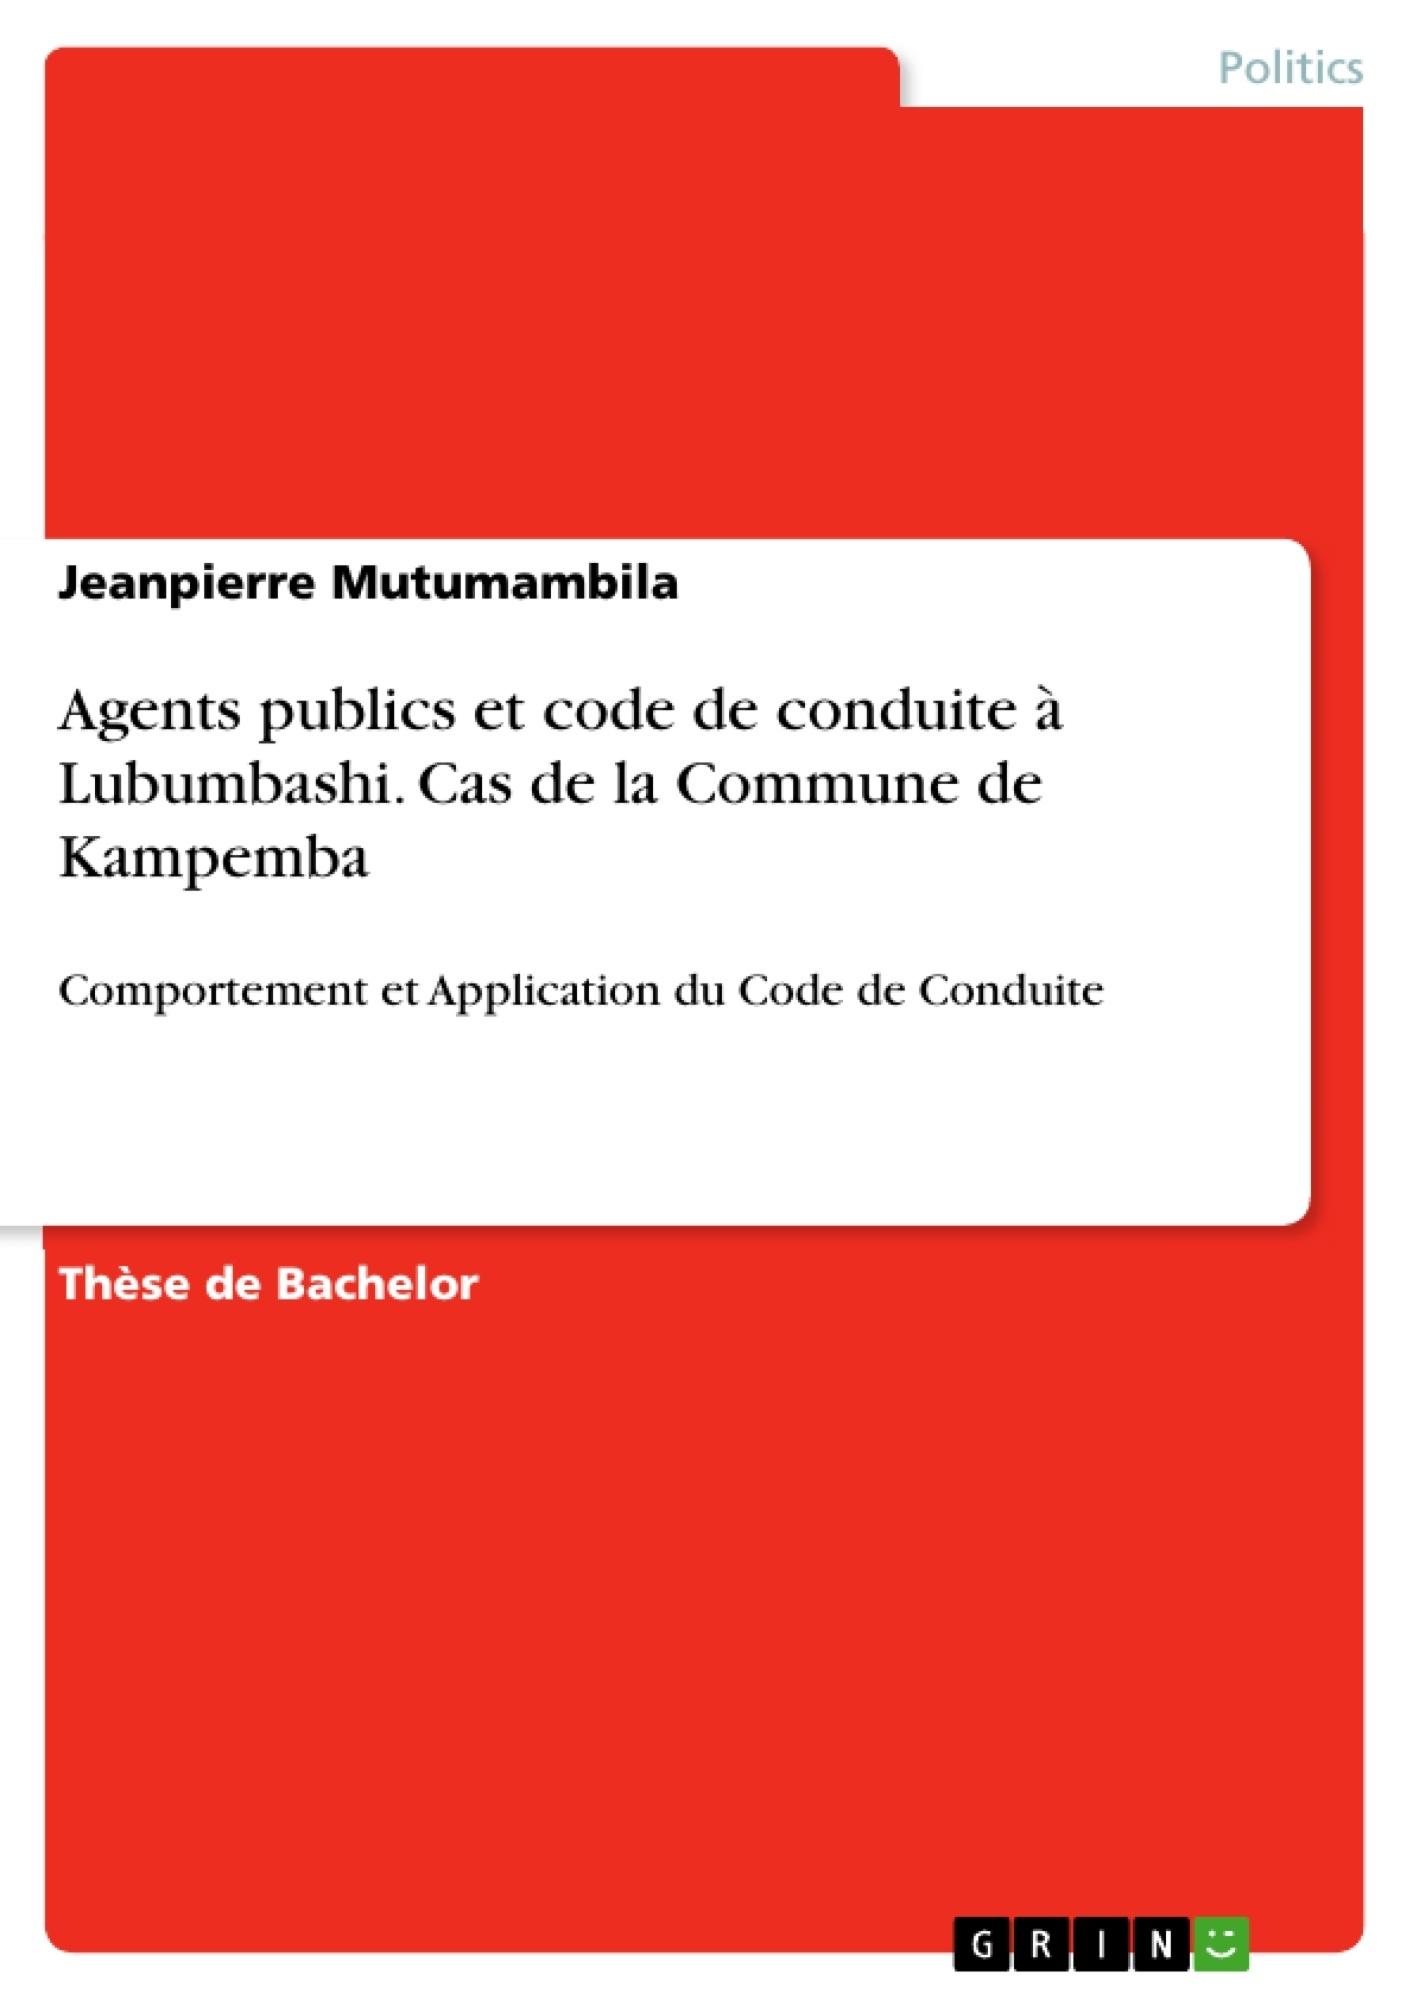 Titre: Agents publics et code de conduite à Lubumbashi. Cas de la Commune de Kampemba